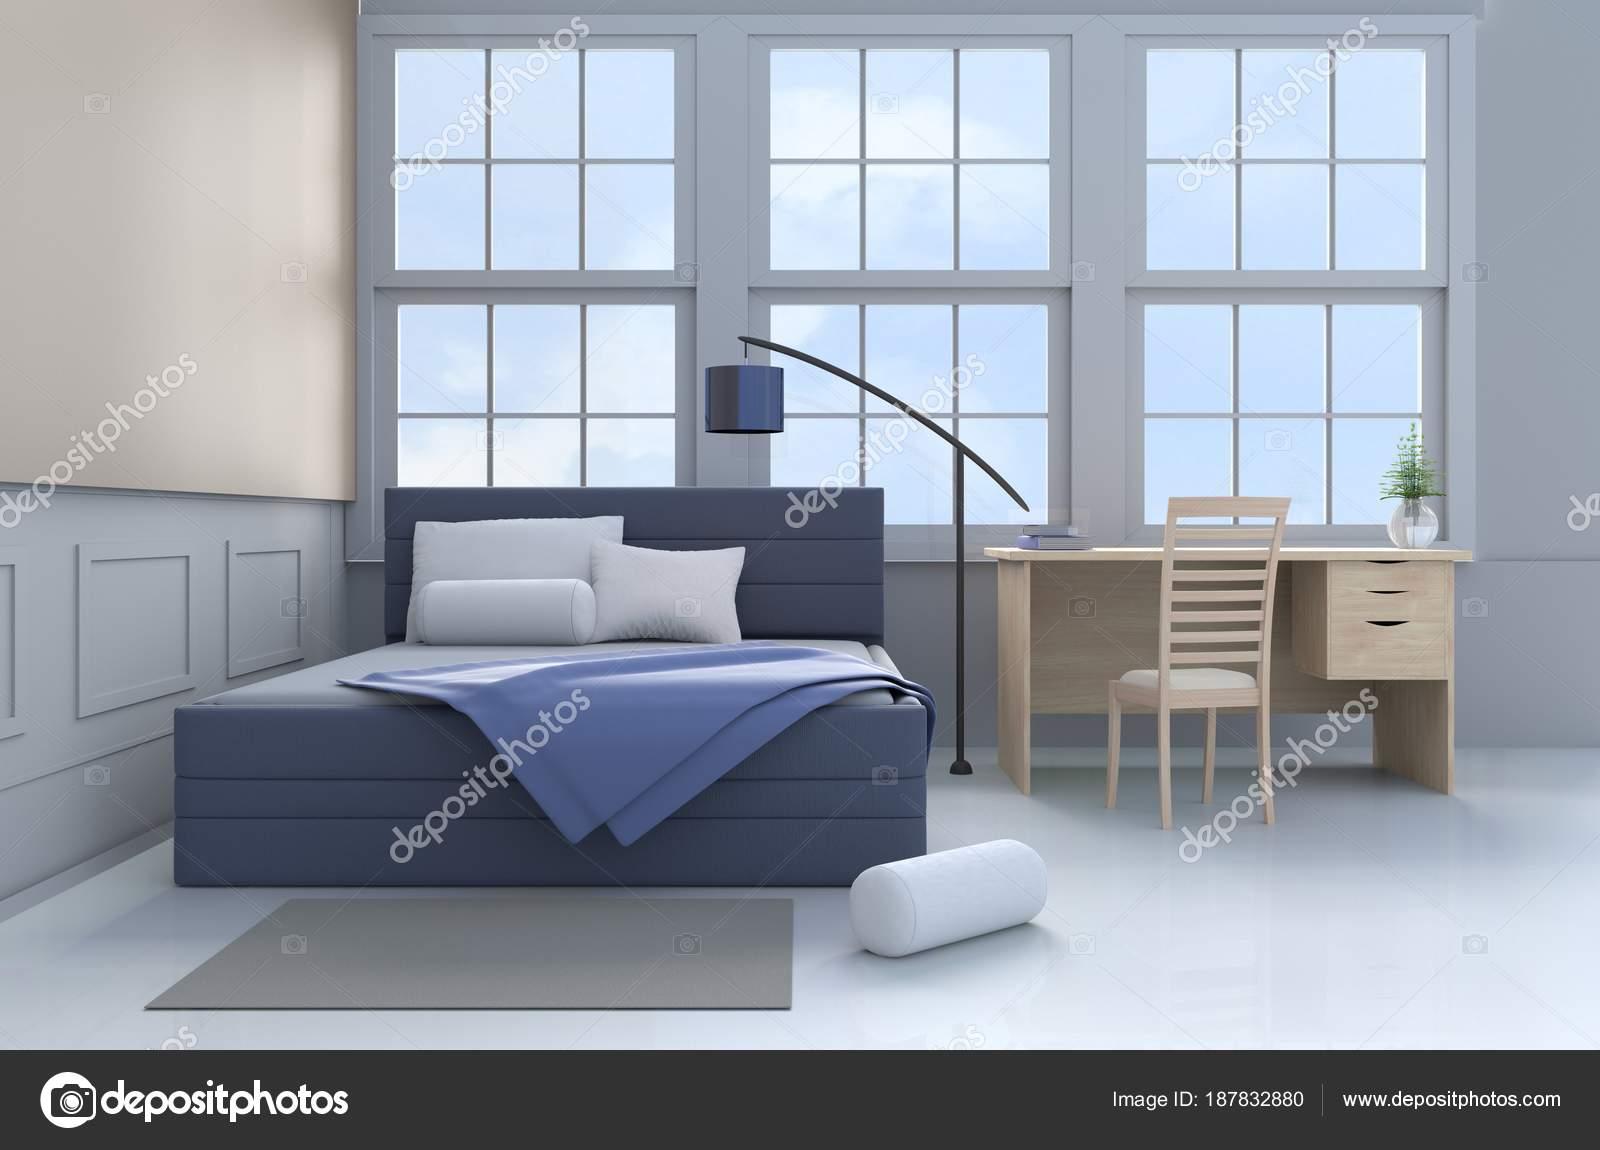 Bett vorm fenster stellen 10 tipps wie sie die - Bett vorm fenster stellen ...